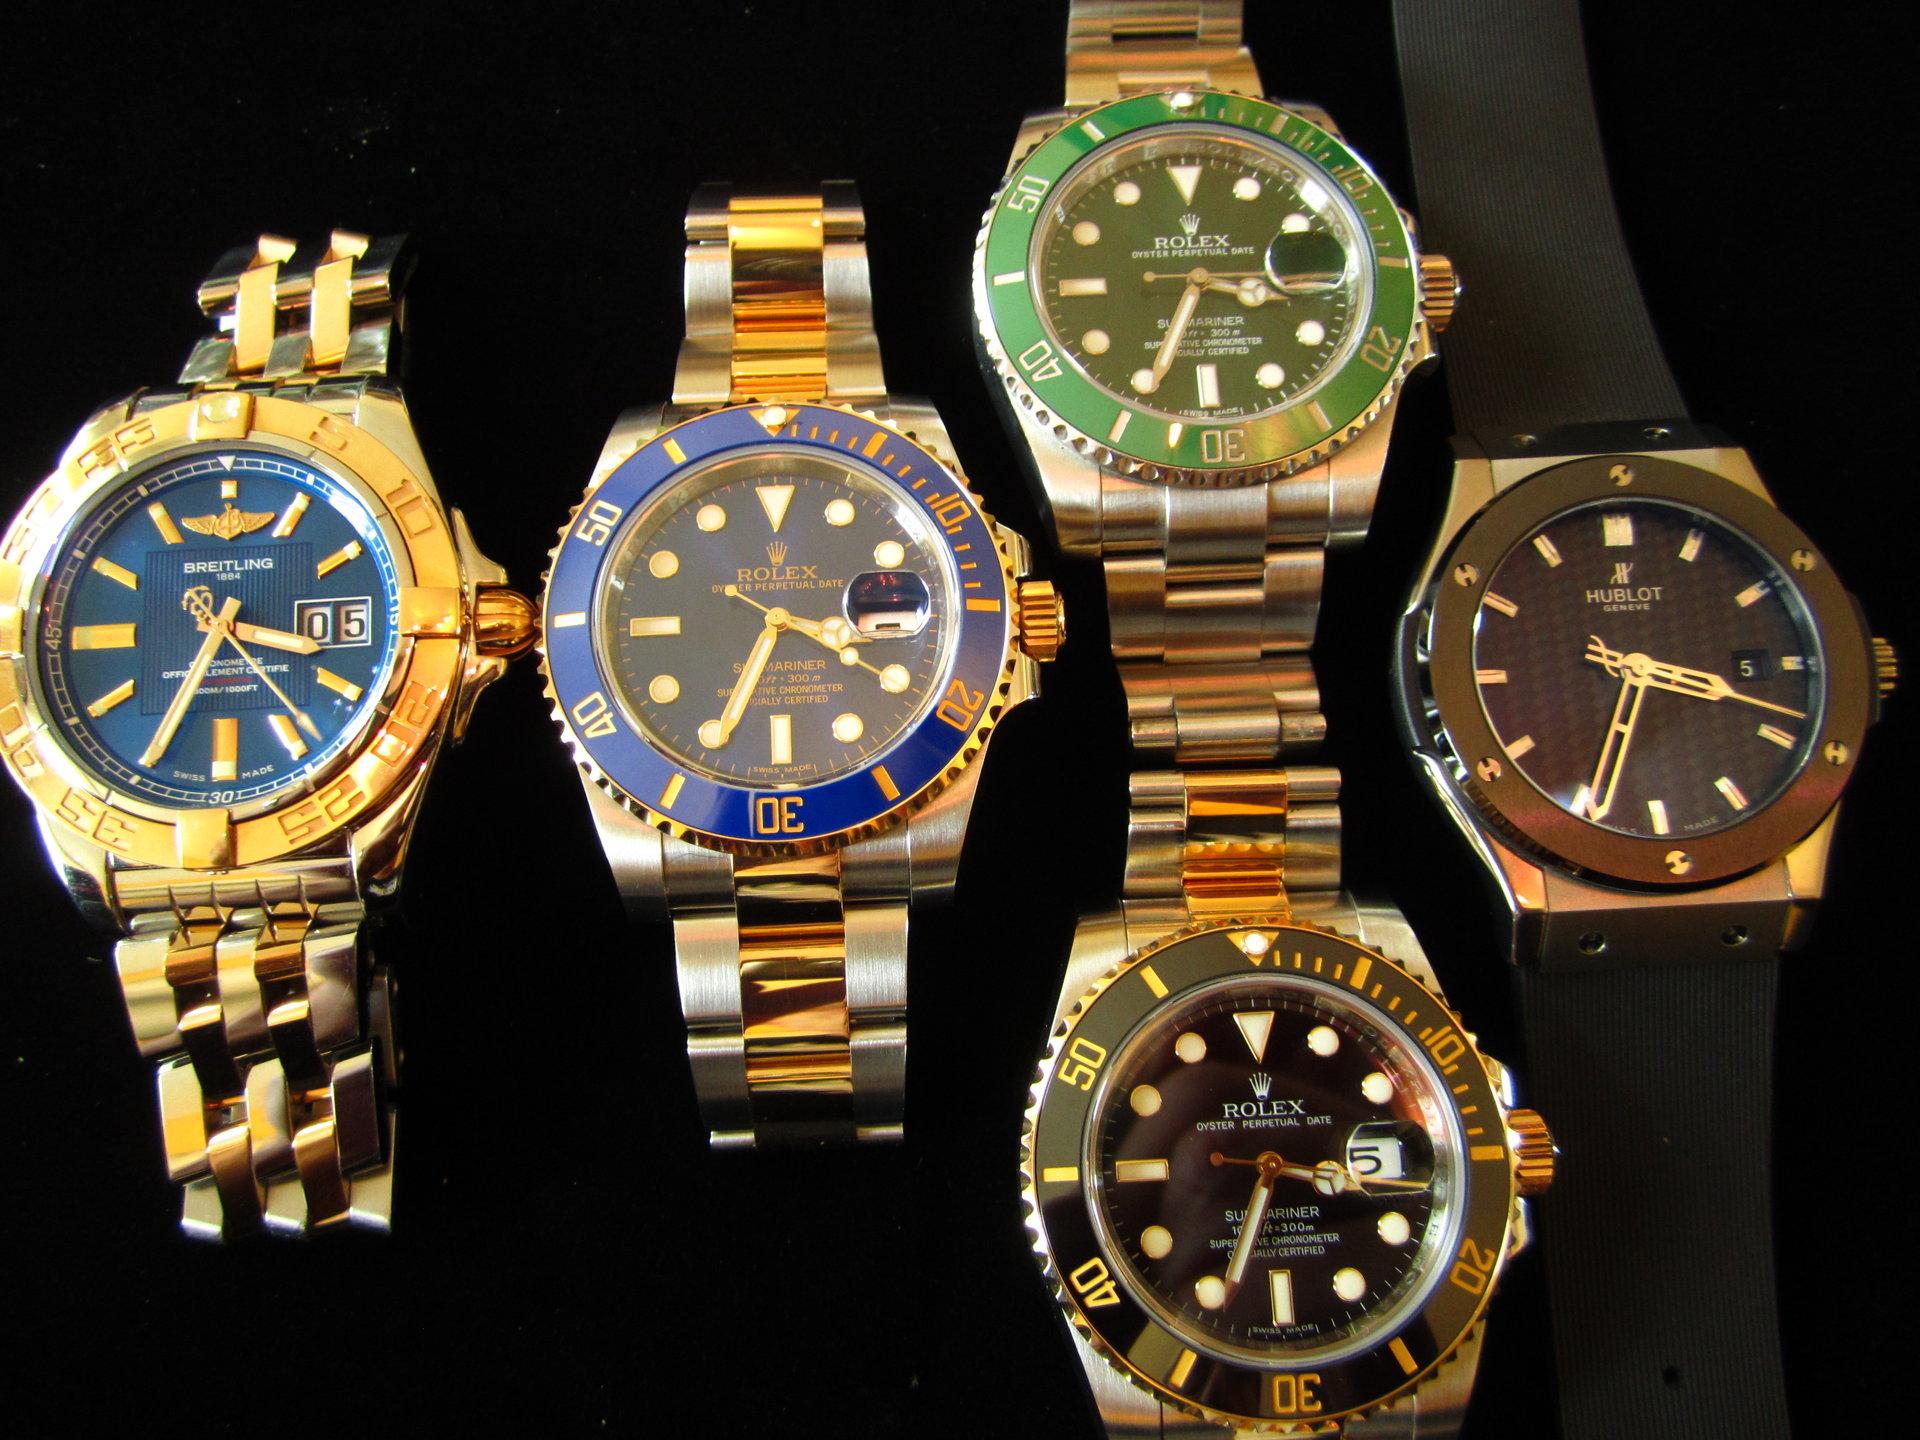 Armbanduhr herren rolex  Familienfeier und keiner der Herren trug eine Armbanduhr ...